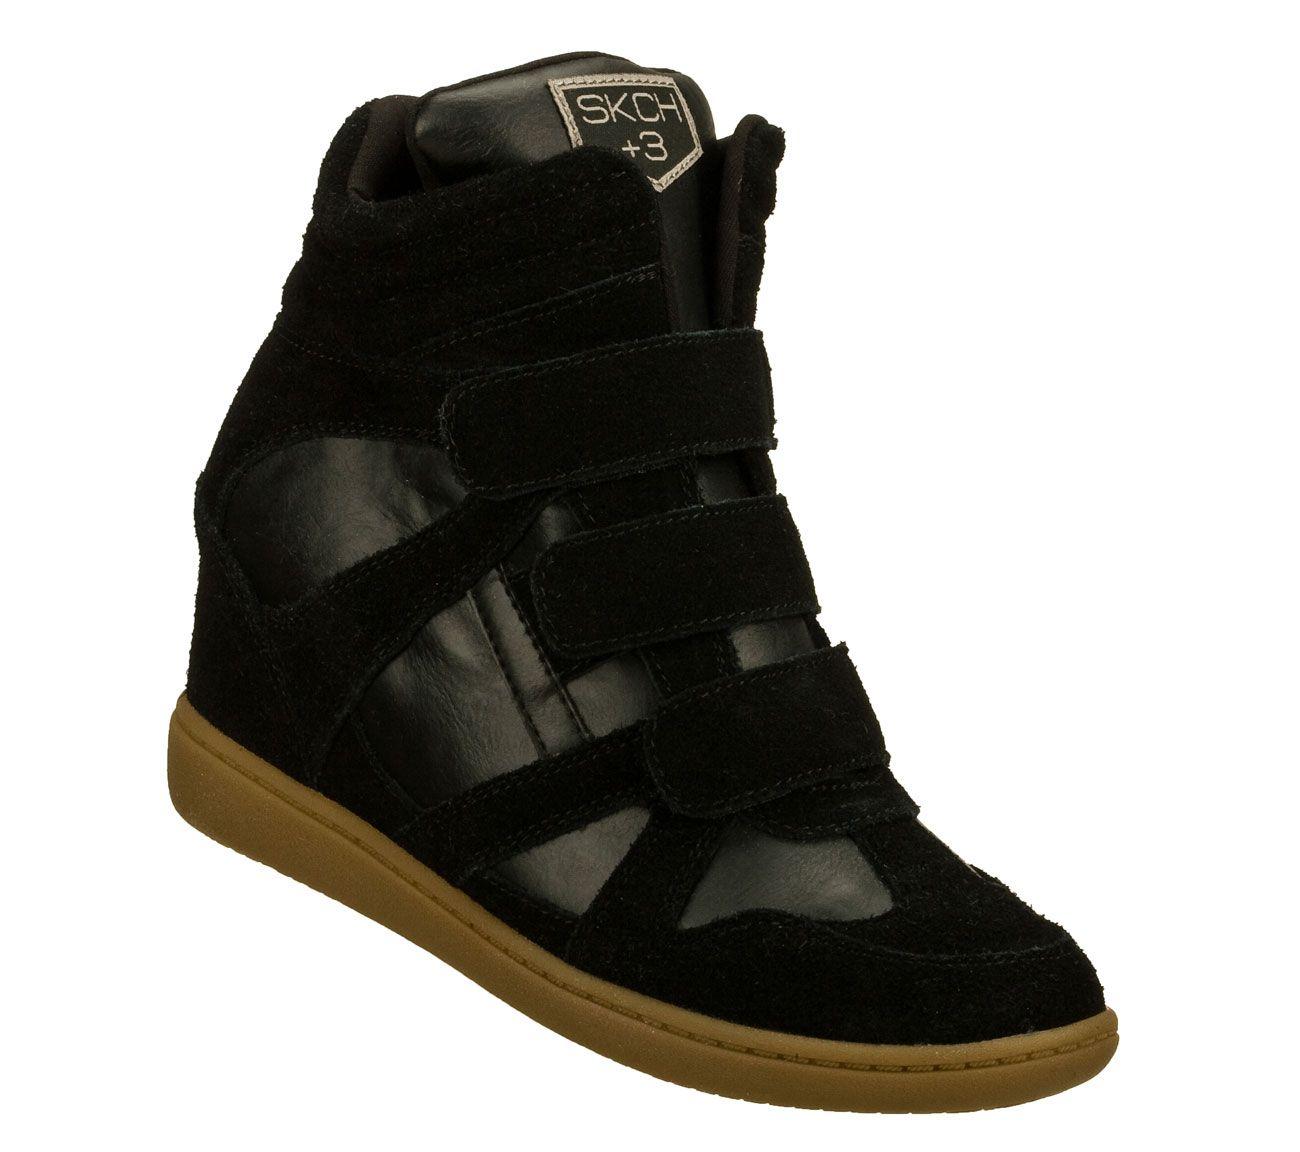 skechers plus 3 wedge sneakers